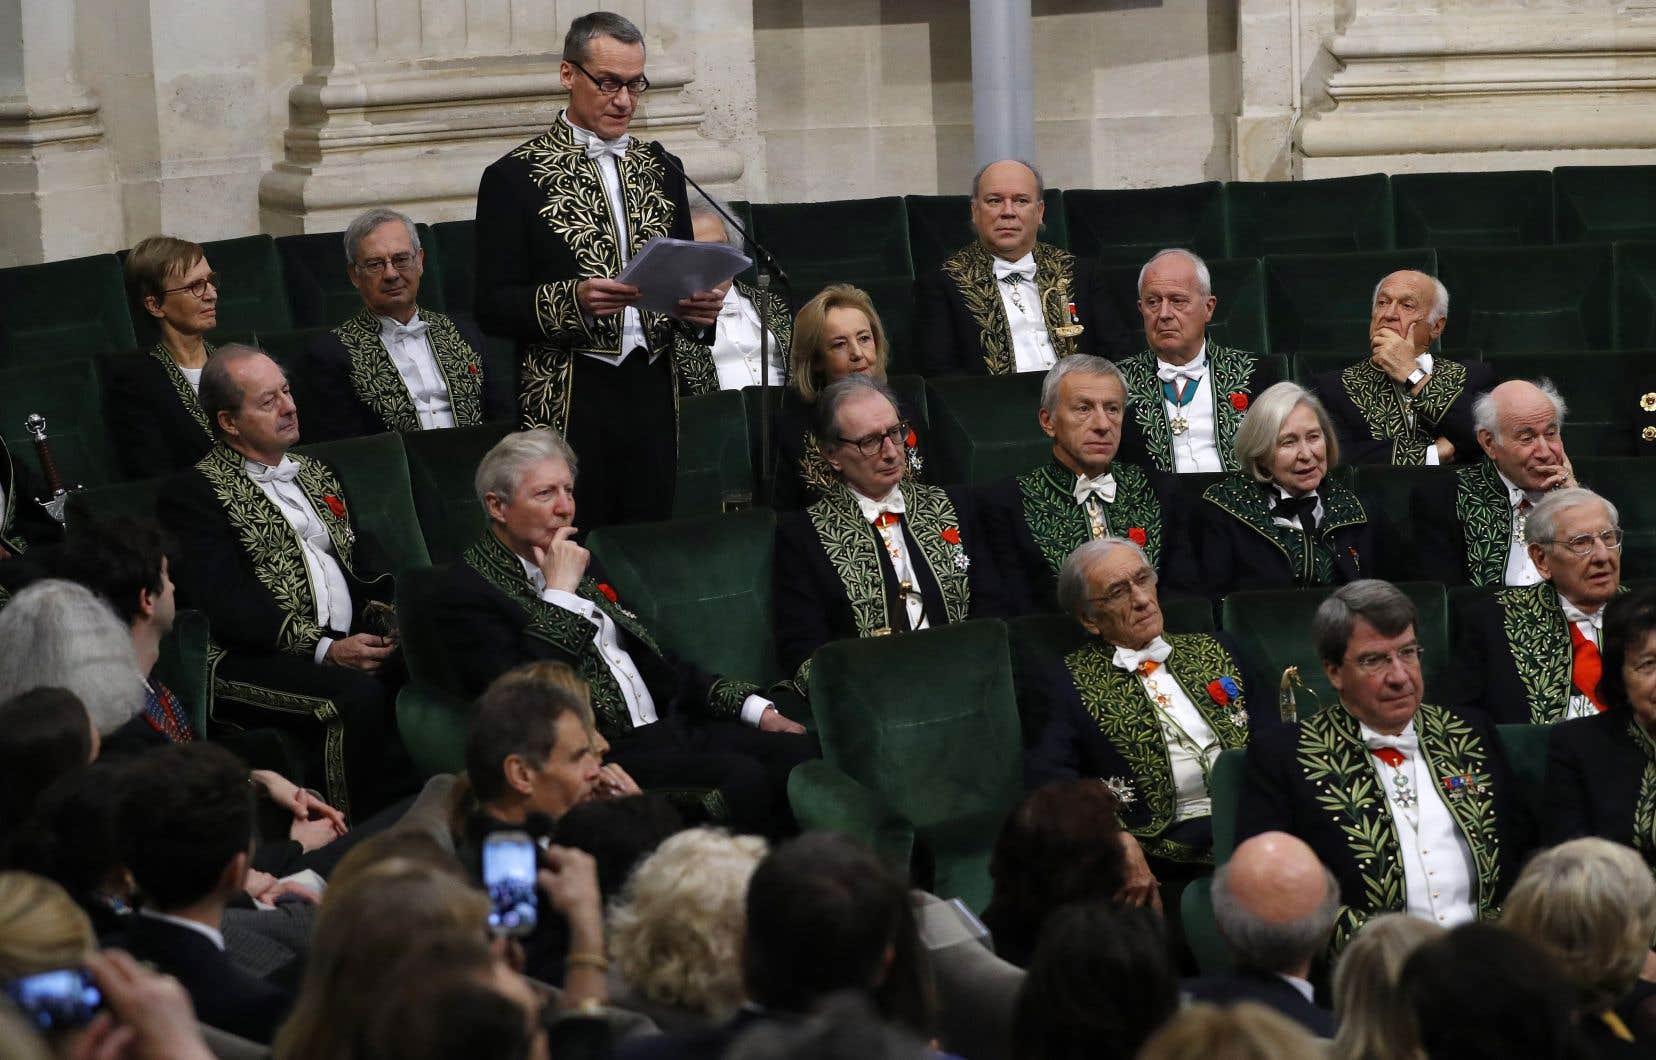 L'Académie française compte actuellement seulement quatre femmes (élue en mai 2018, la philologue Barbara Cassin n'a pas encore été officiellement reçue sous la Coupole) contre trente et un hommes.